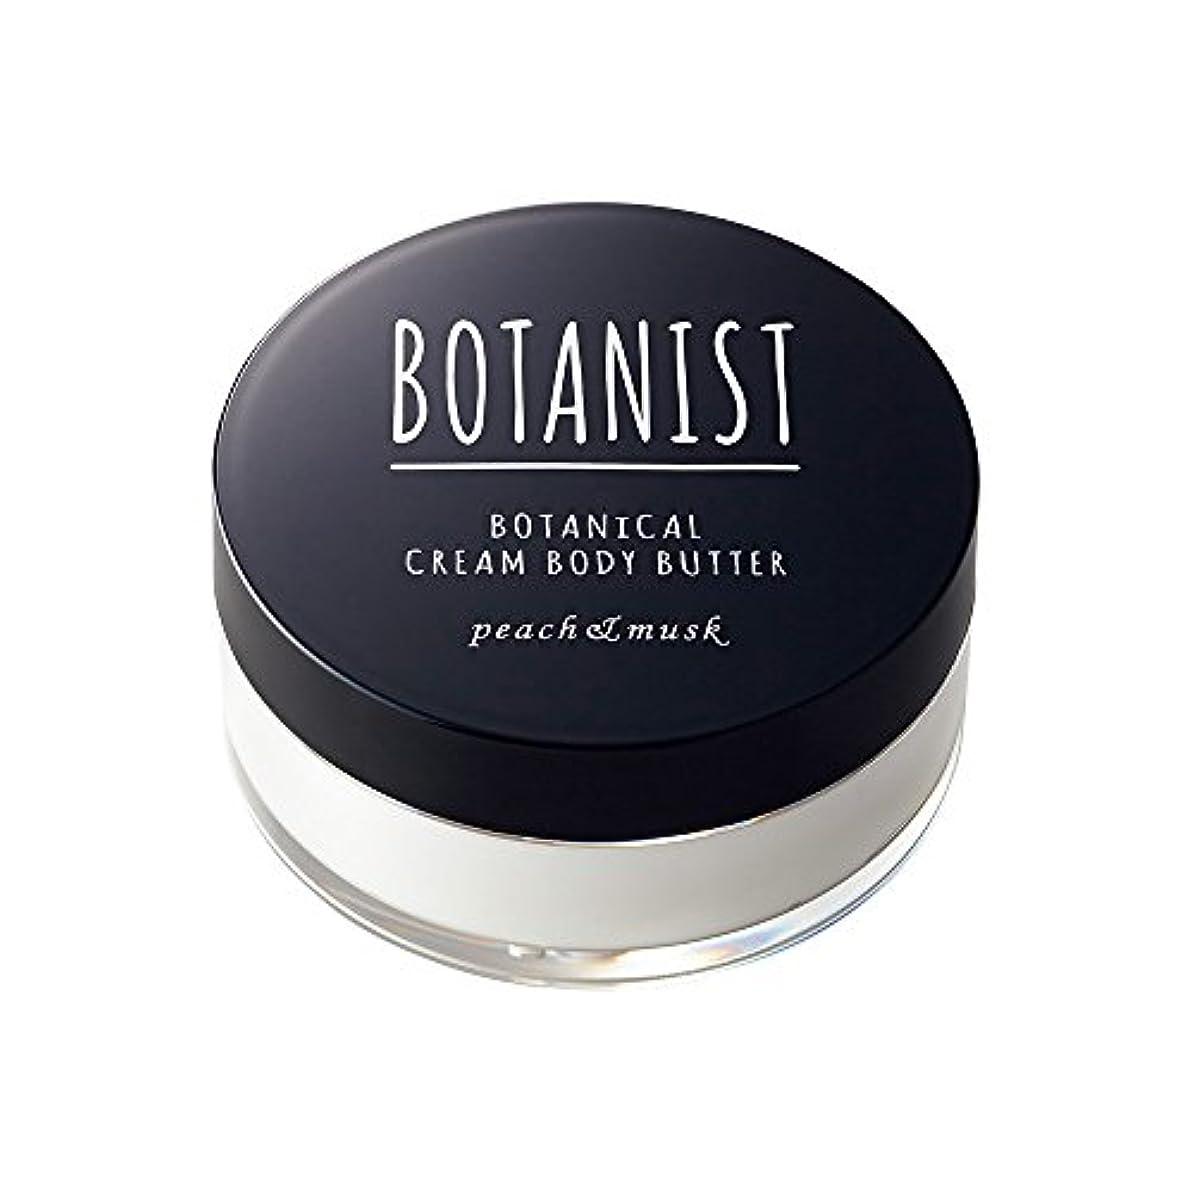 美的失美的BOTANIST ボタニスト ボタニカル クリームボディーバター 100g ピーチ&ムスク